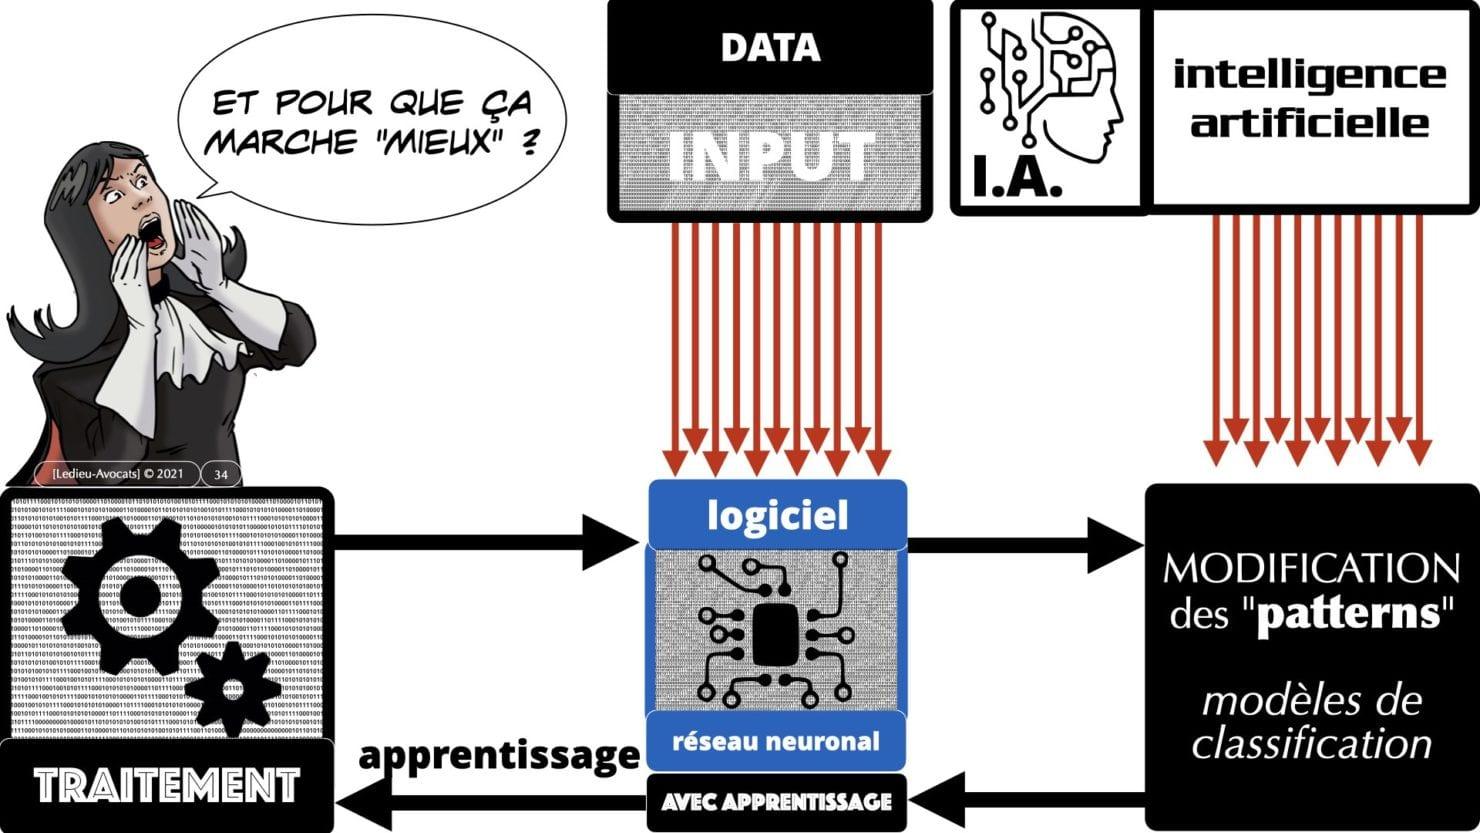 335 Intelligence Artificielle 2021 et AI Act [projet de Règlement UE] deep learning machine learning © Ledieu-Avocats 04-06-2021 *16:9*.034